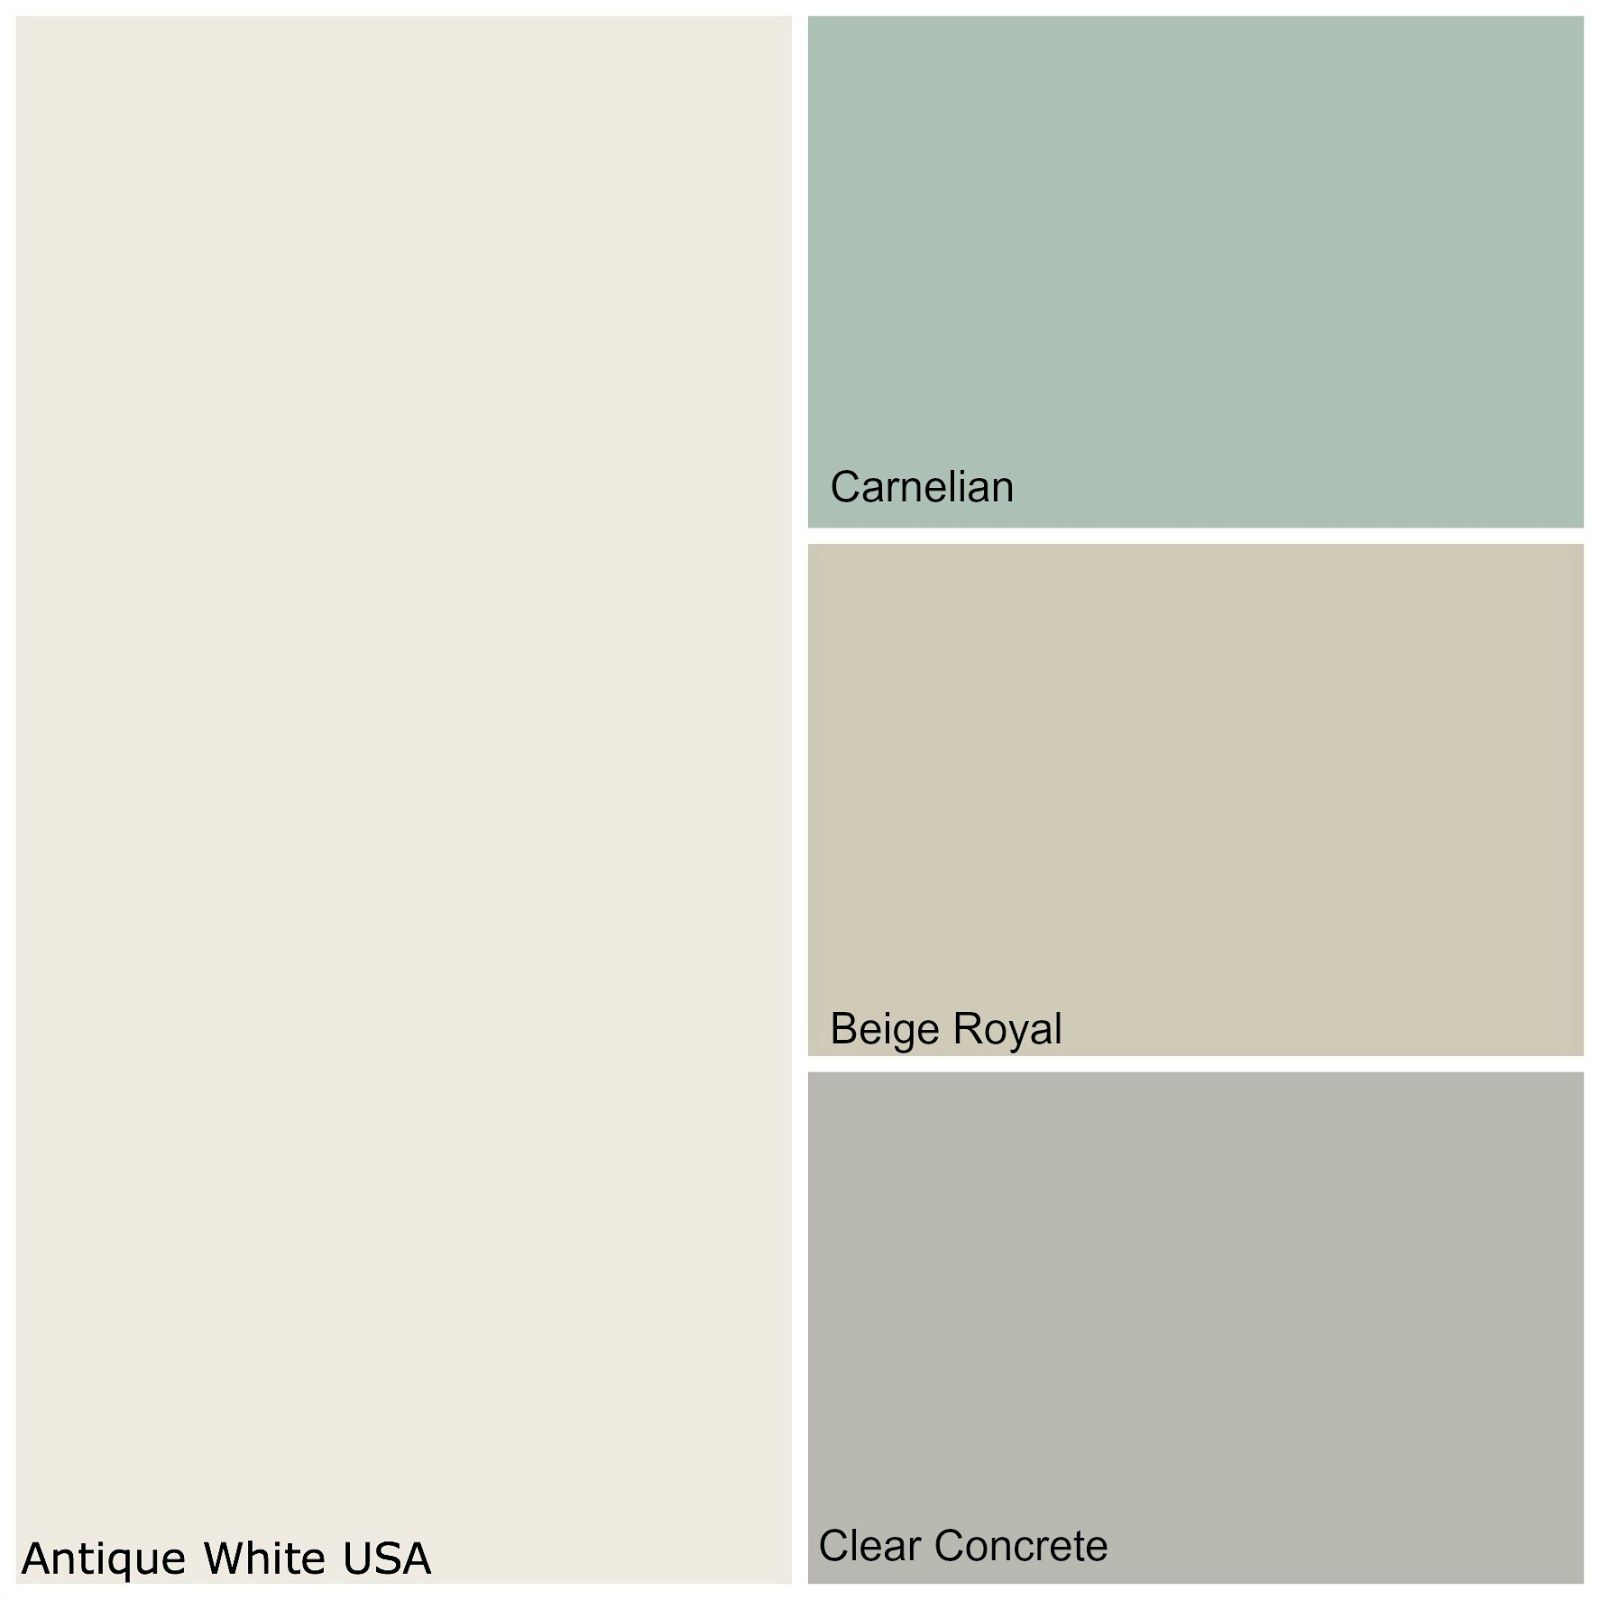 Top 10 interior paint colors 2014 design ideas 2017 2018 for Top 10 beige paint colors